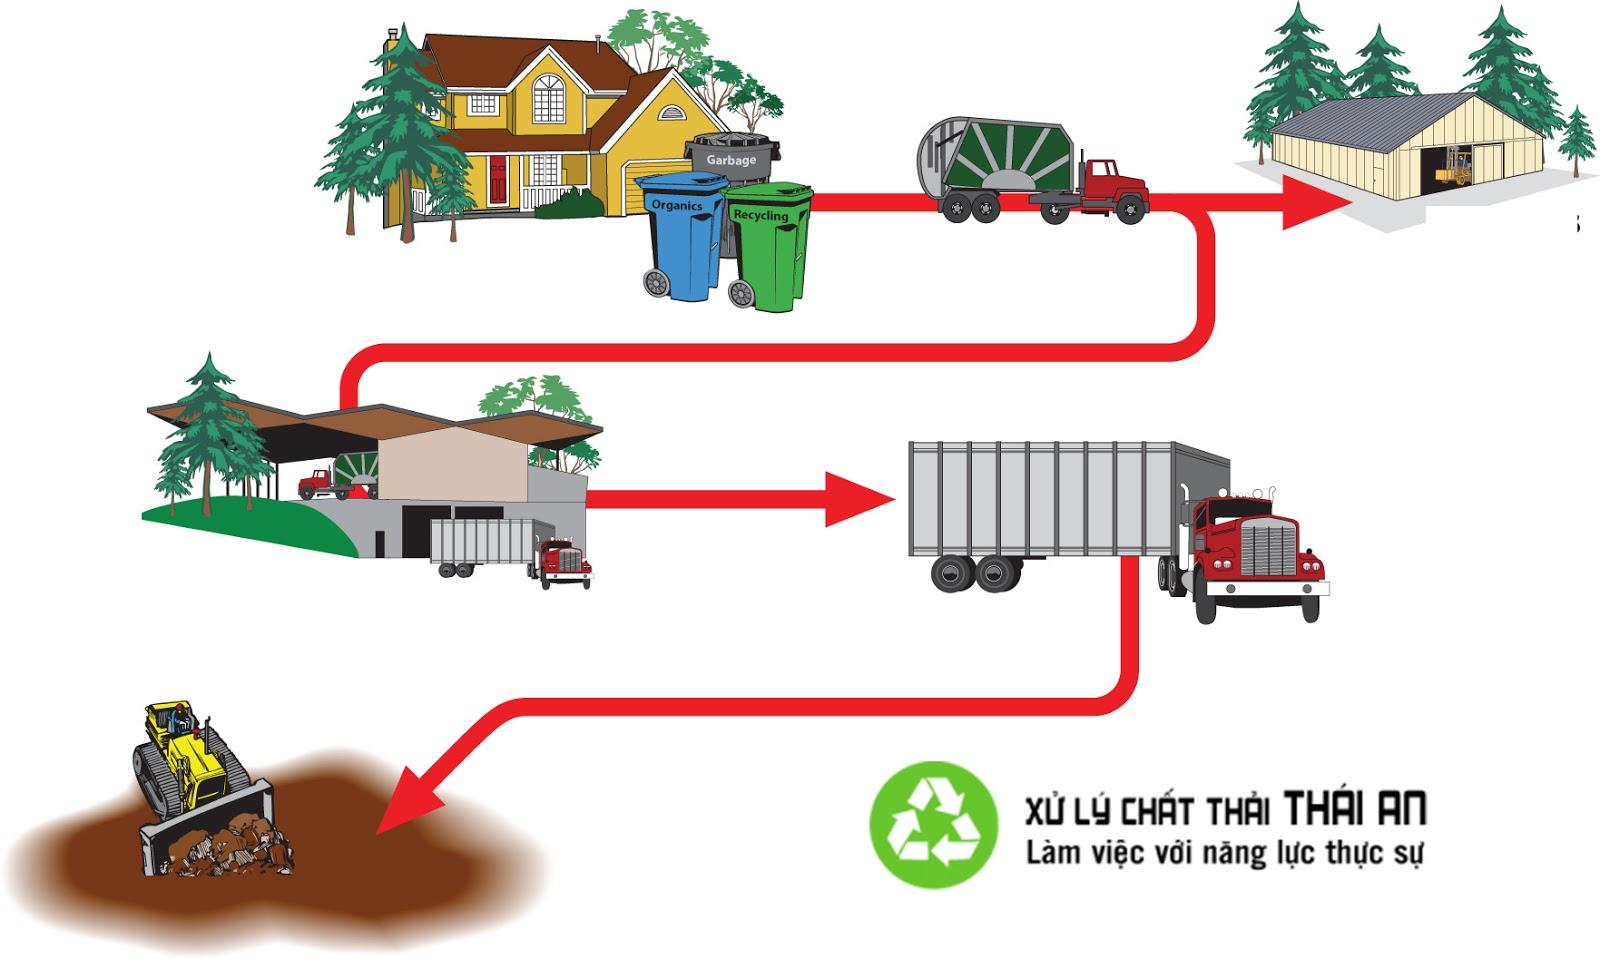 quy trình xử lý rác thải sinh hoạt, quy trình xử lý rác thải công nghiệp, xử lý rác thải sinh hoạt bằng phương pháp sinh học, xử lý rác thải sinh hoạt nông thôn, xử lý rác thải ở việt nam, phương pháp xử lý rác thải sinh hoạt, xử lý rác thải sinh hoạt bằng phương pháp đốt, quy trình xử lý rác thải y tế xử lý chất thải xây dựng, cách xử lý rác thải xây dựng, phương pháp xử lý chất thải xây dựng, xây dựng khu xử lý rác thải, xây dựng nhà máy xử lý rác thải, xử lý rác thải xây dựng, dự án xây dựng nhà máy xử lý rác thải, xử lý chất thải rắn xây dựng